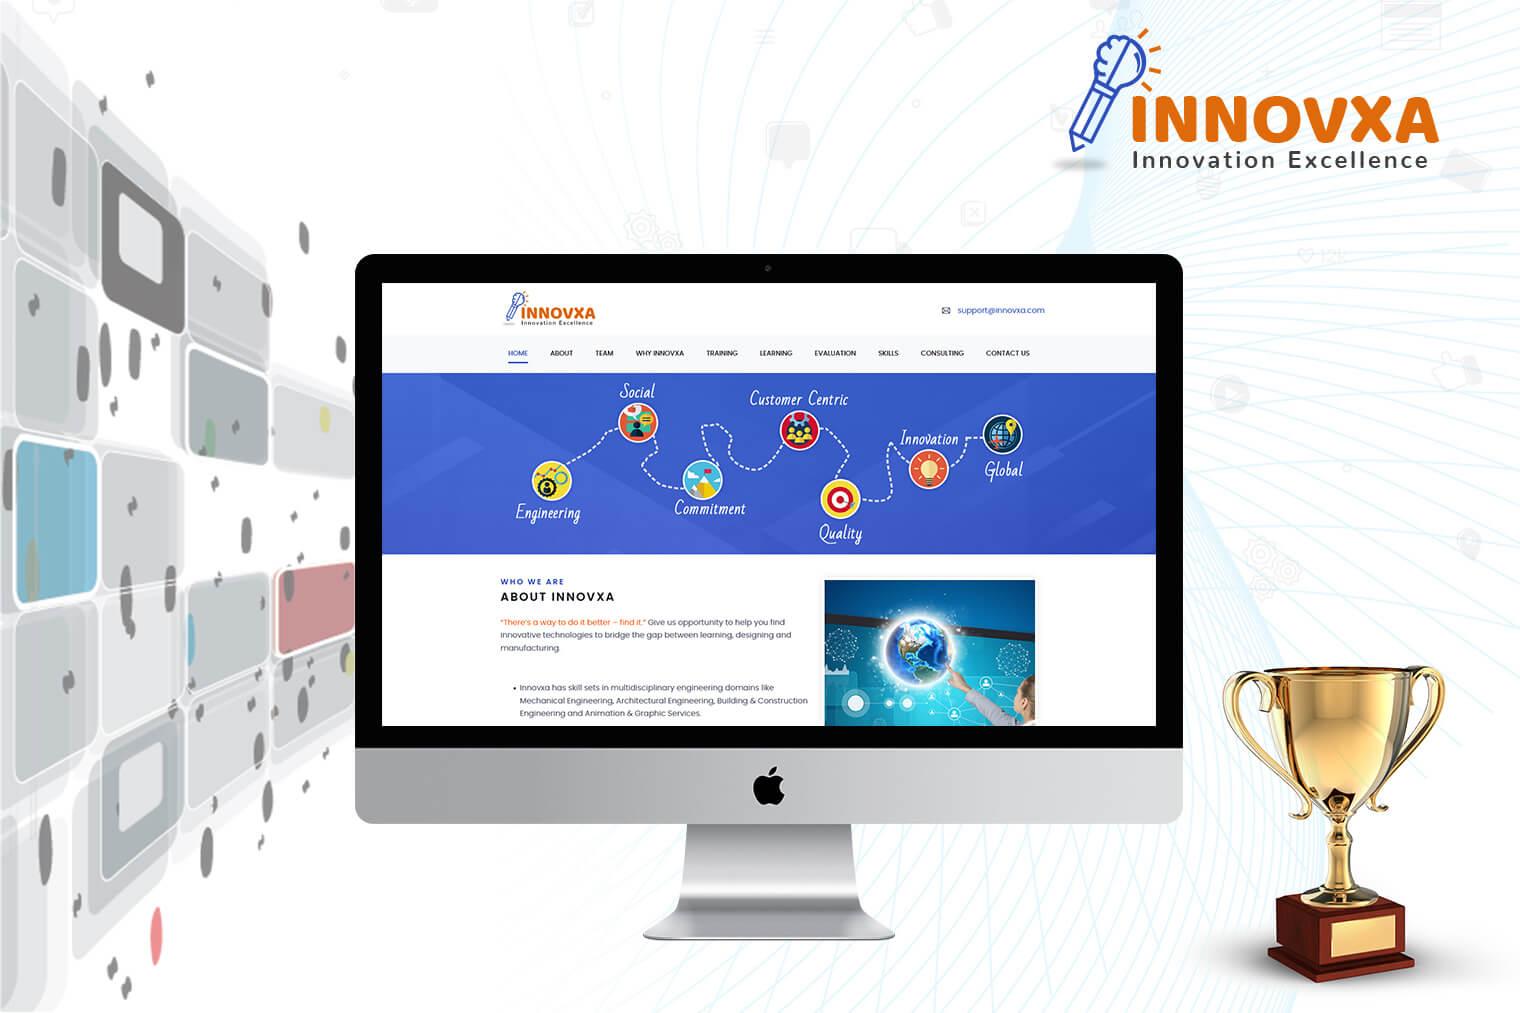 INNOVXA Innovatio Excellence